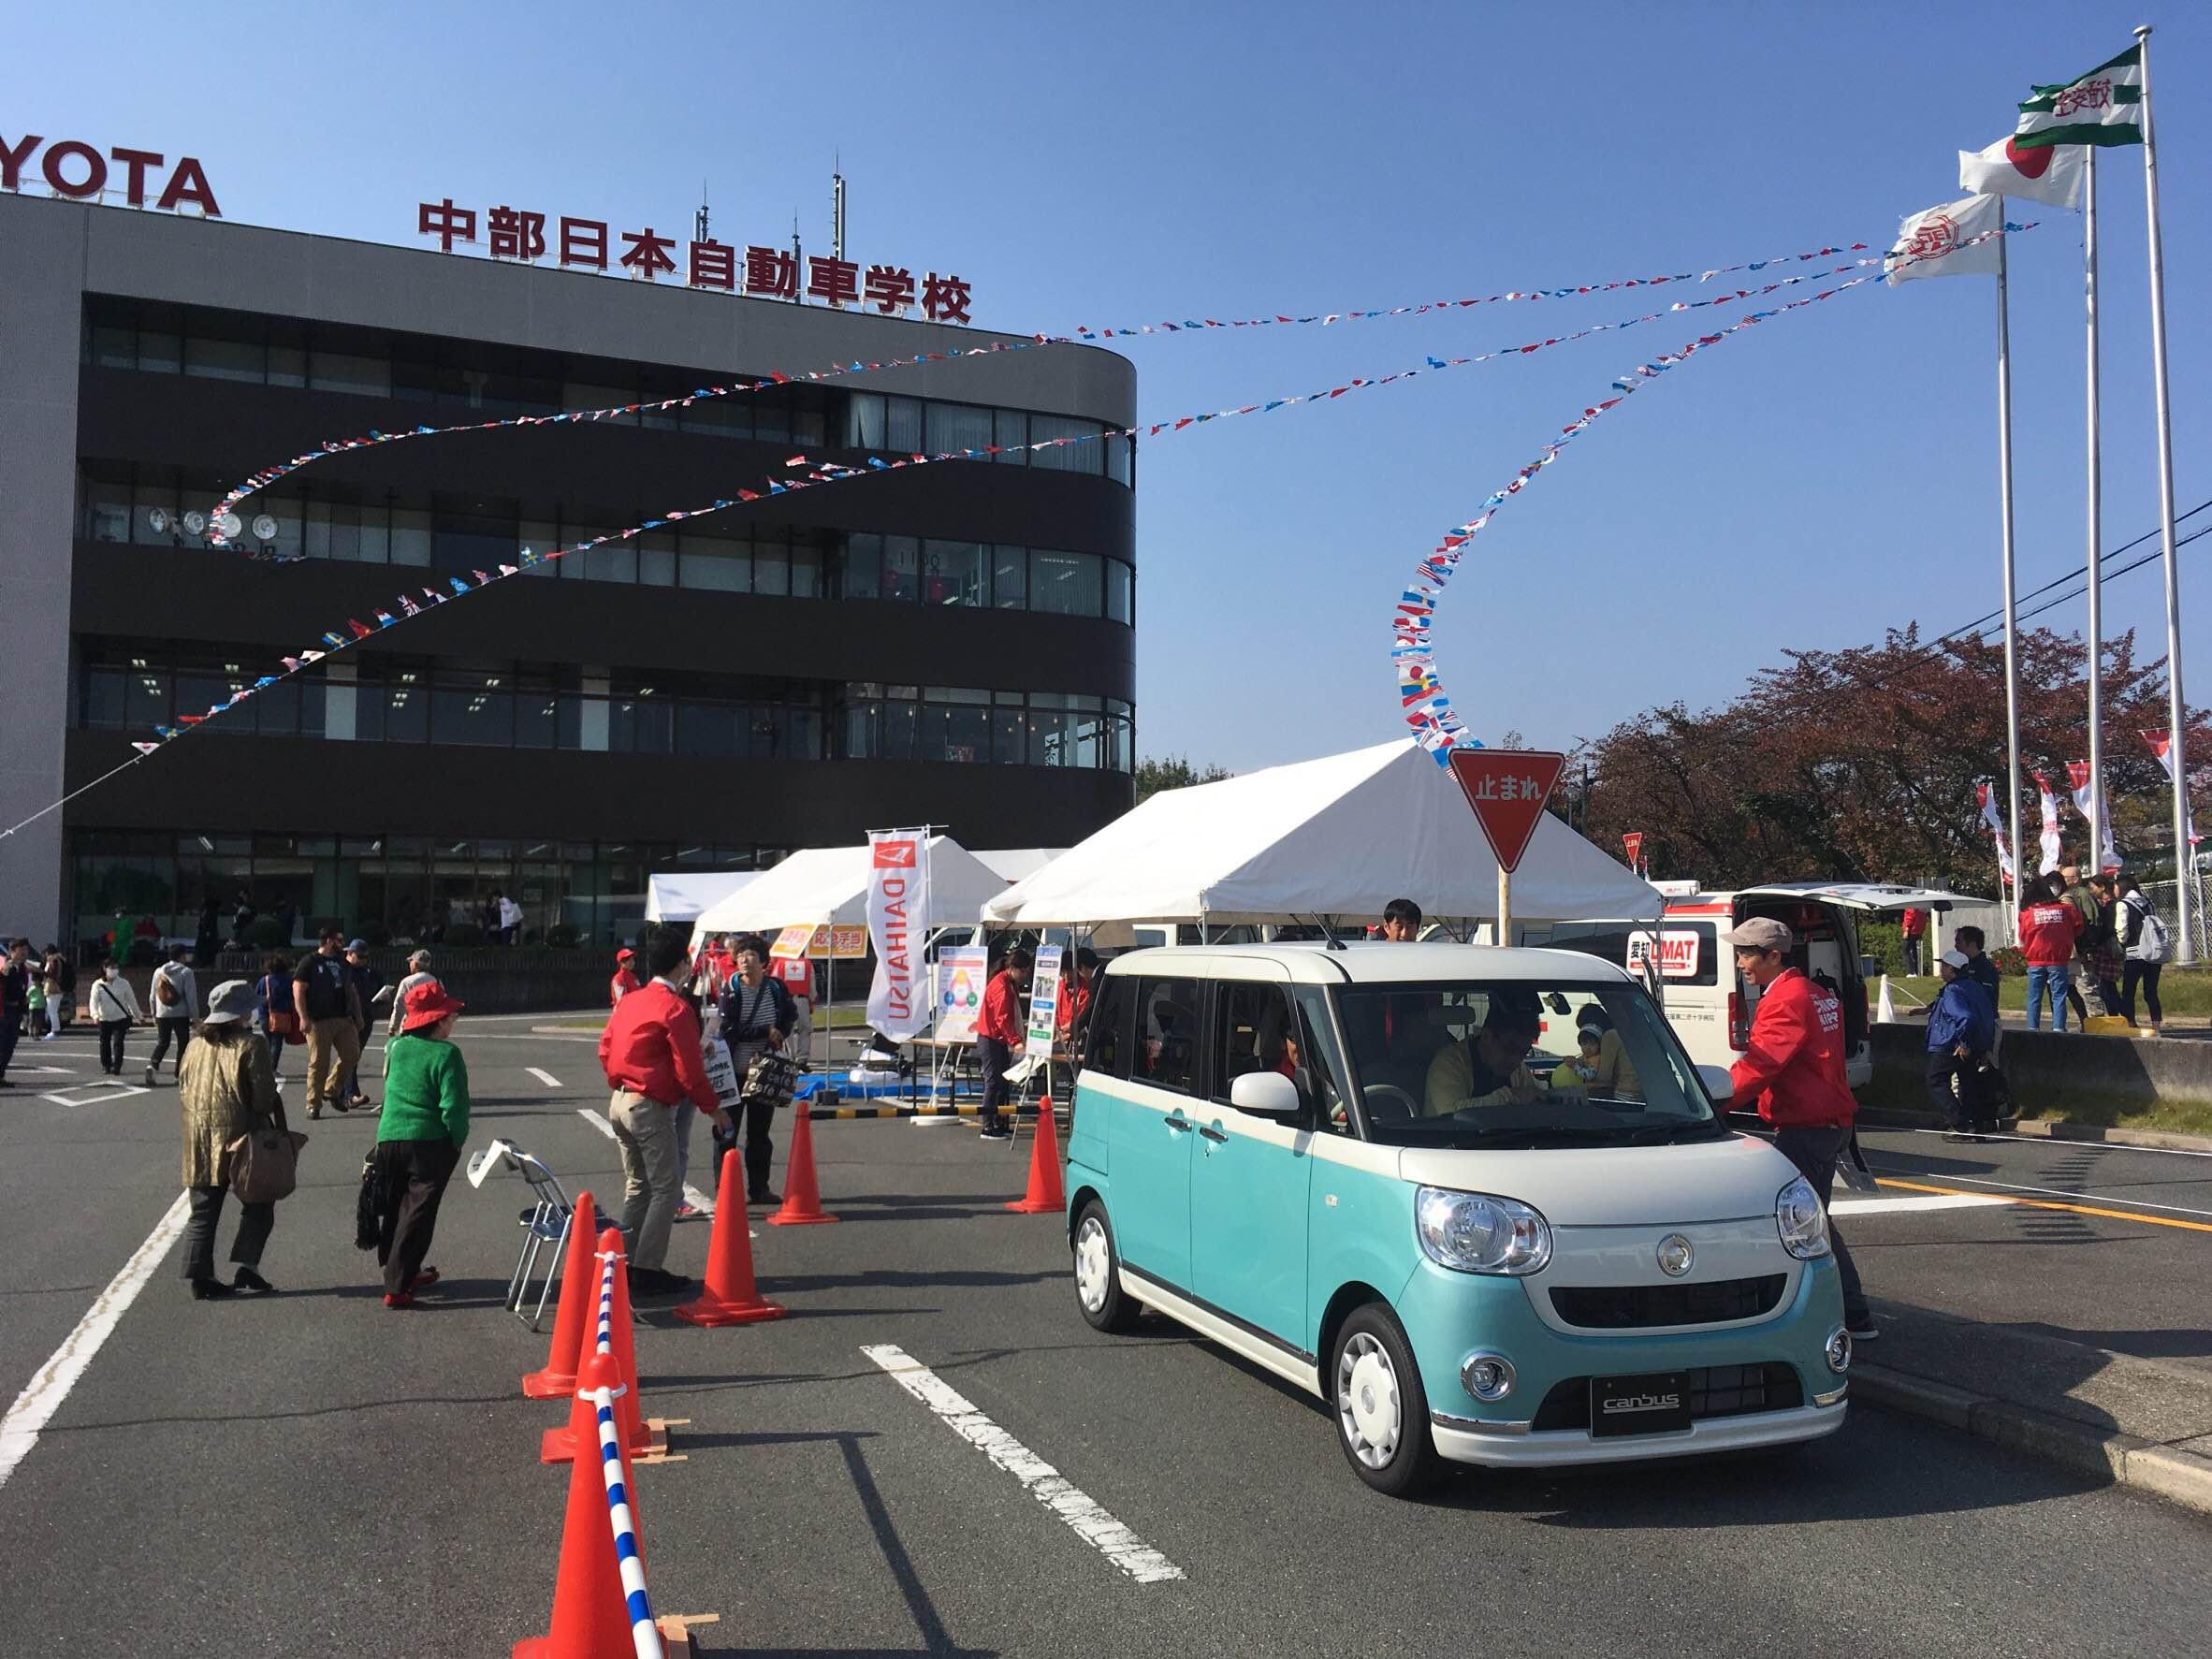 11月6日(日)やごと感車祭に参加しました!